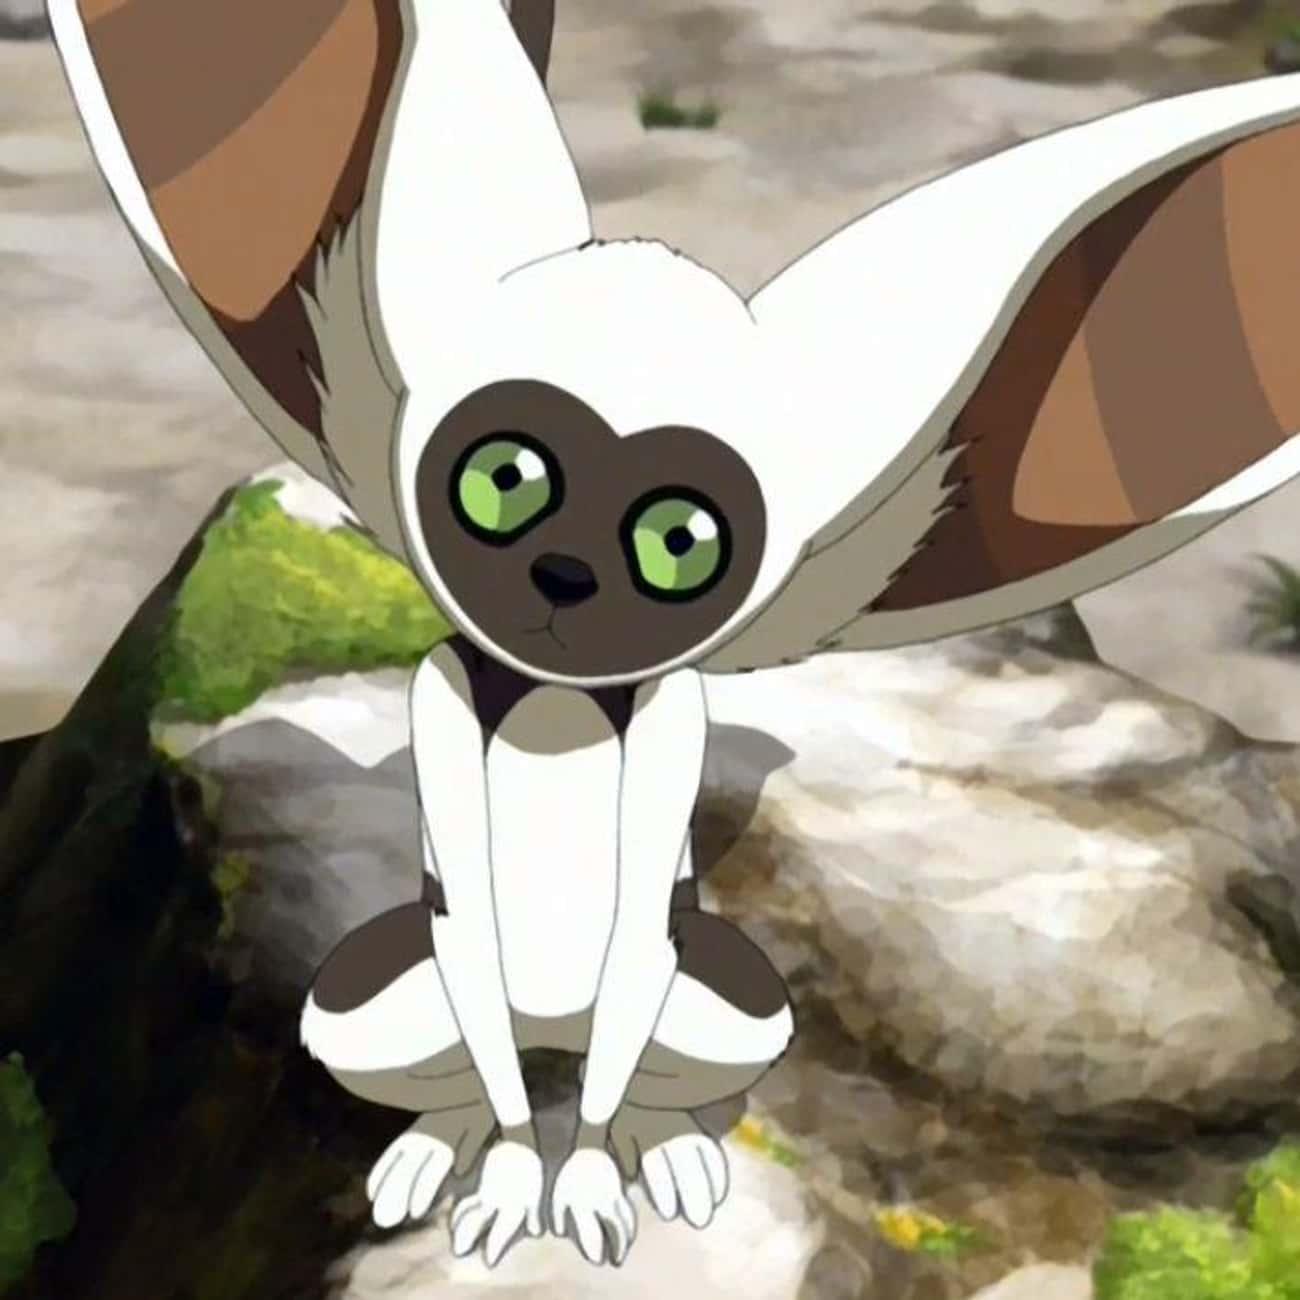 Momo Is an Incarnation of Aye-Aye, the Lemur Spirit